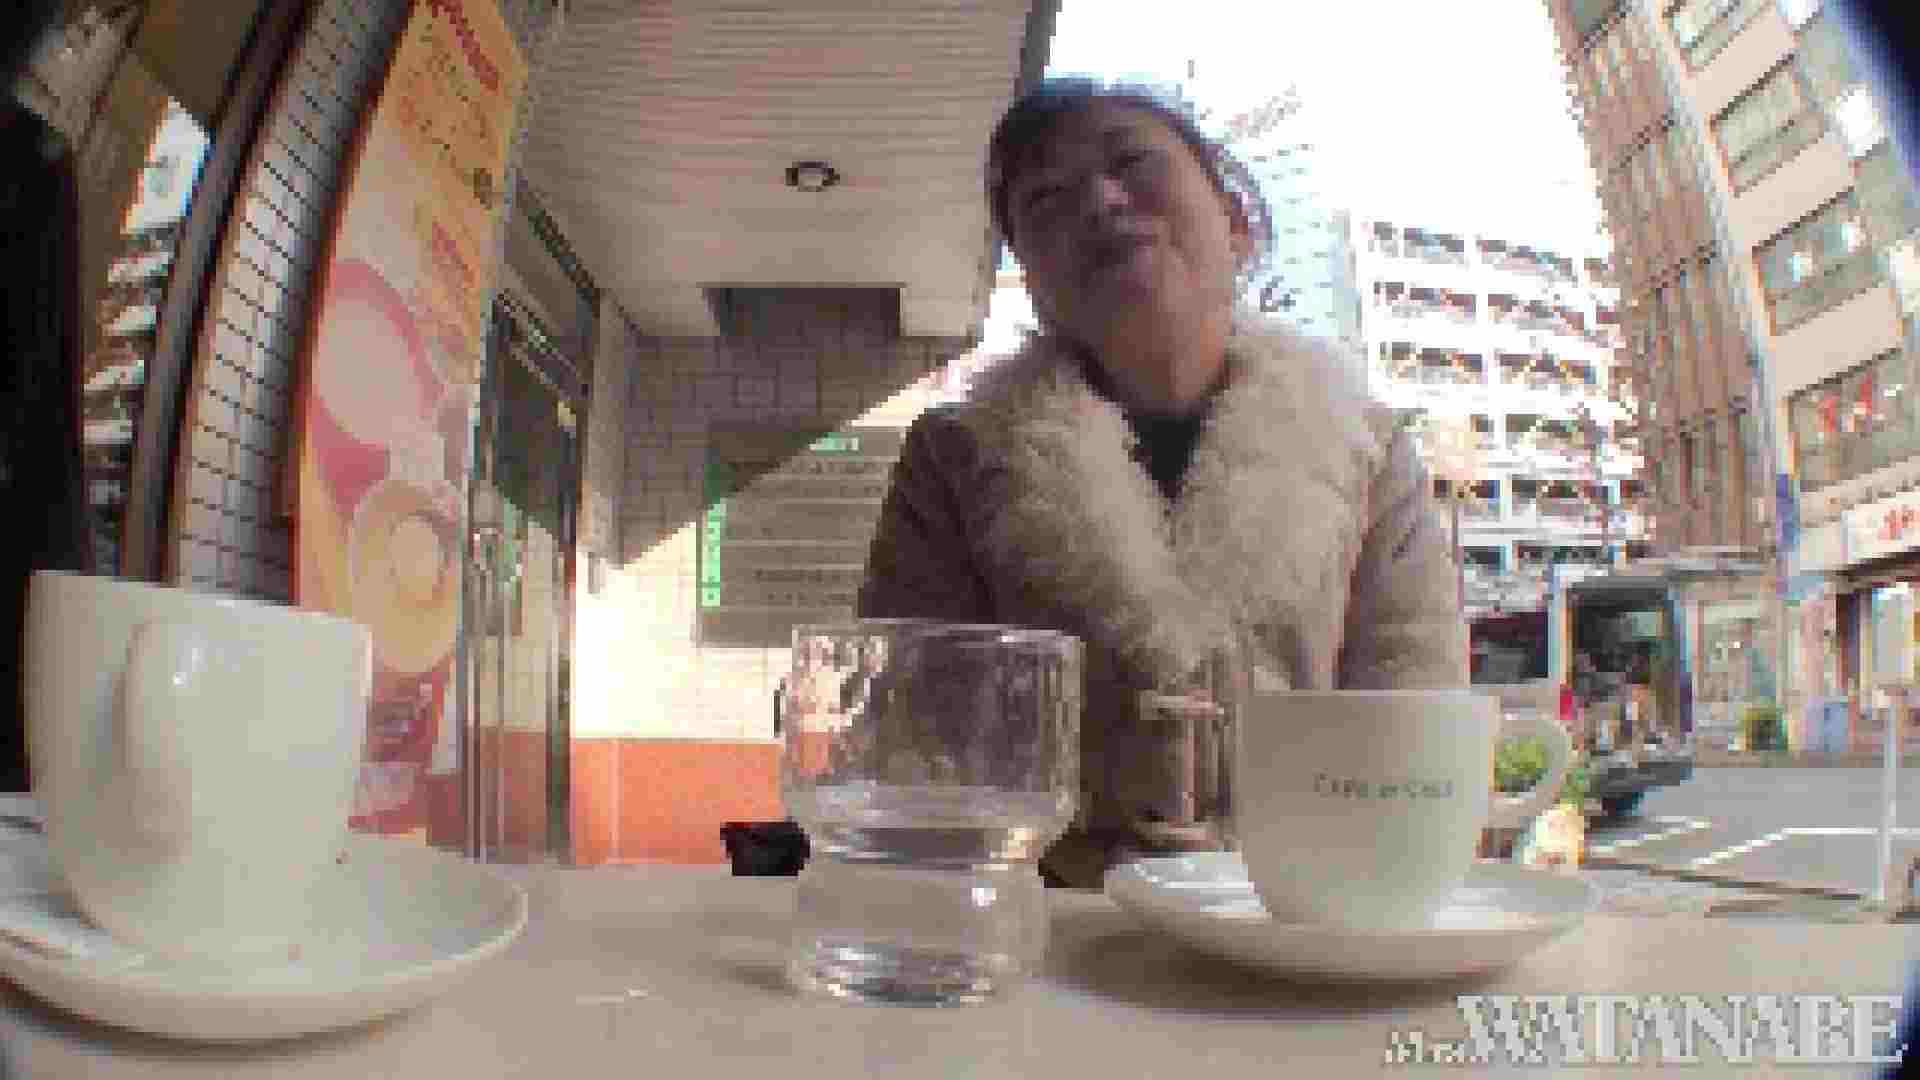 撮影スタッフを誘惑する痴熟女 かおり40歳 Vol.01 素人 | HなOL  67pic 8